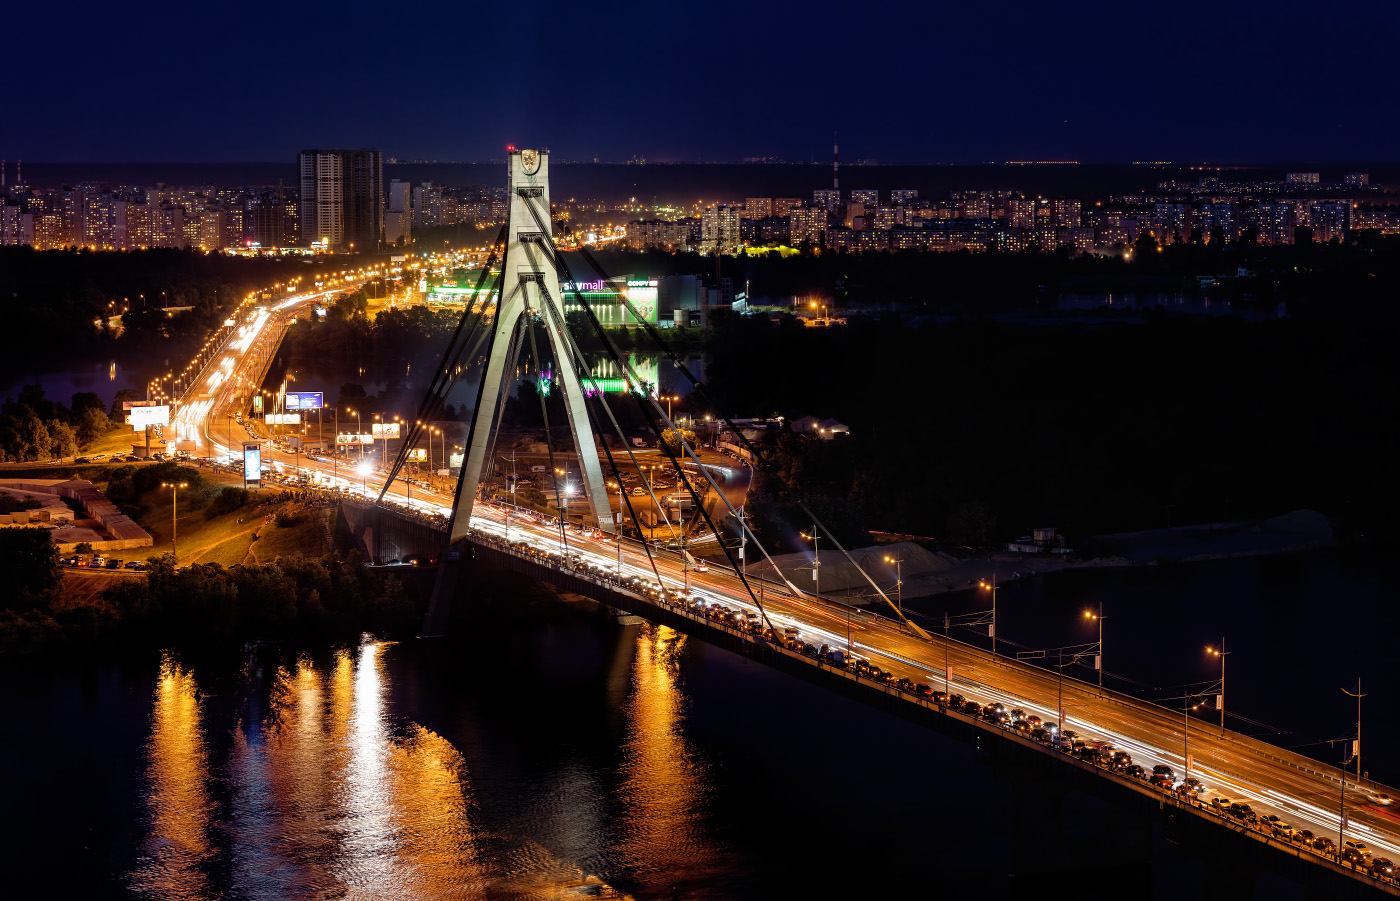 вечерний Московский мост в Киеве фотография